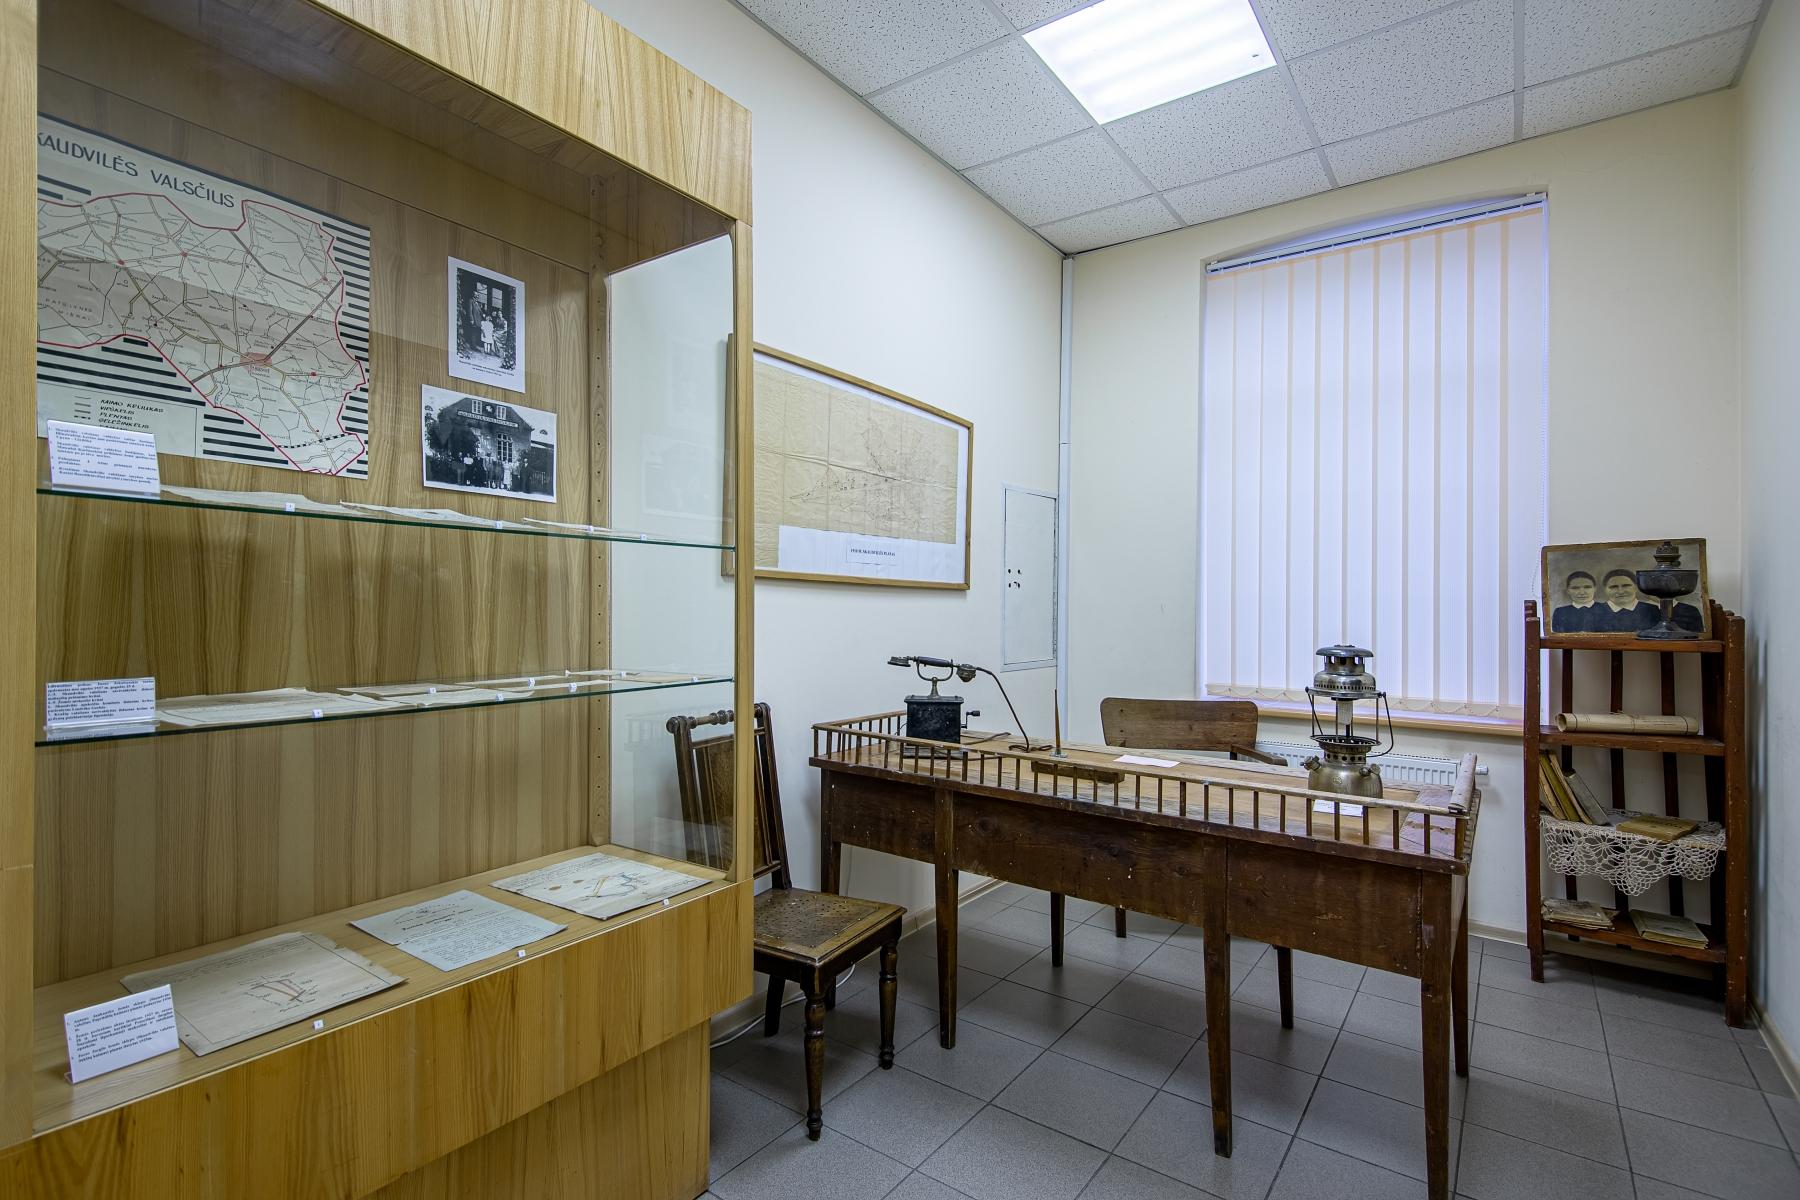 048_Taurages-muziejus